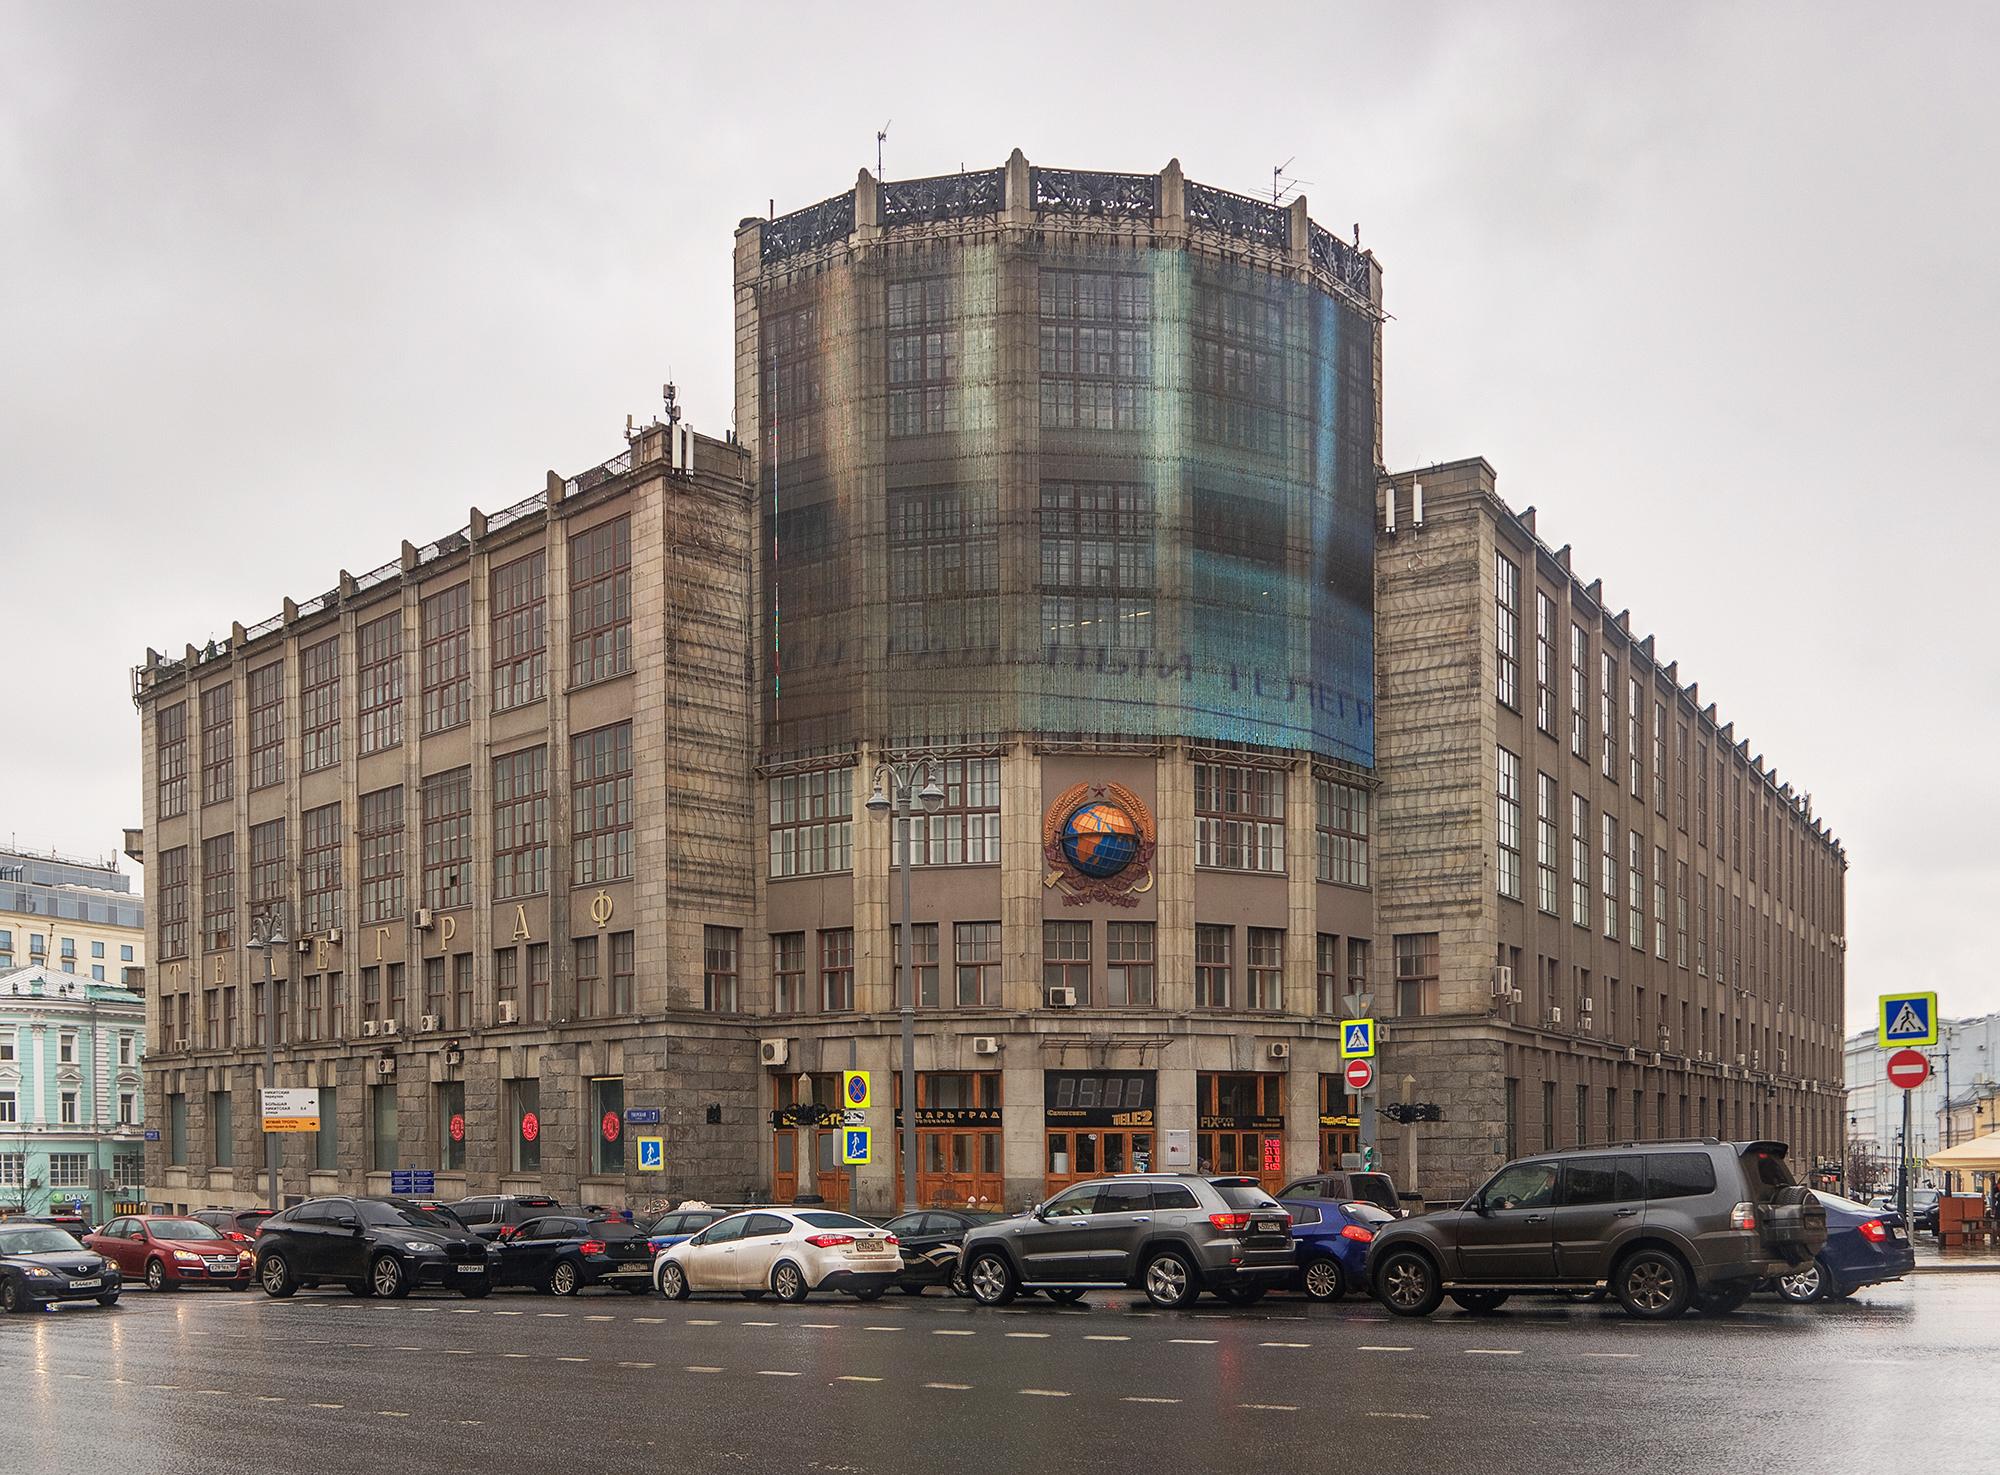 Здание Центрального телеграфа на Тверской улице в Москве. Компания собирается продать свою долю за 3,2млрд рублей — это больше, чем годовая выручка «Центрального телеграфа». Еще 0,3 млрд придется от здания на Никитском переулке